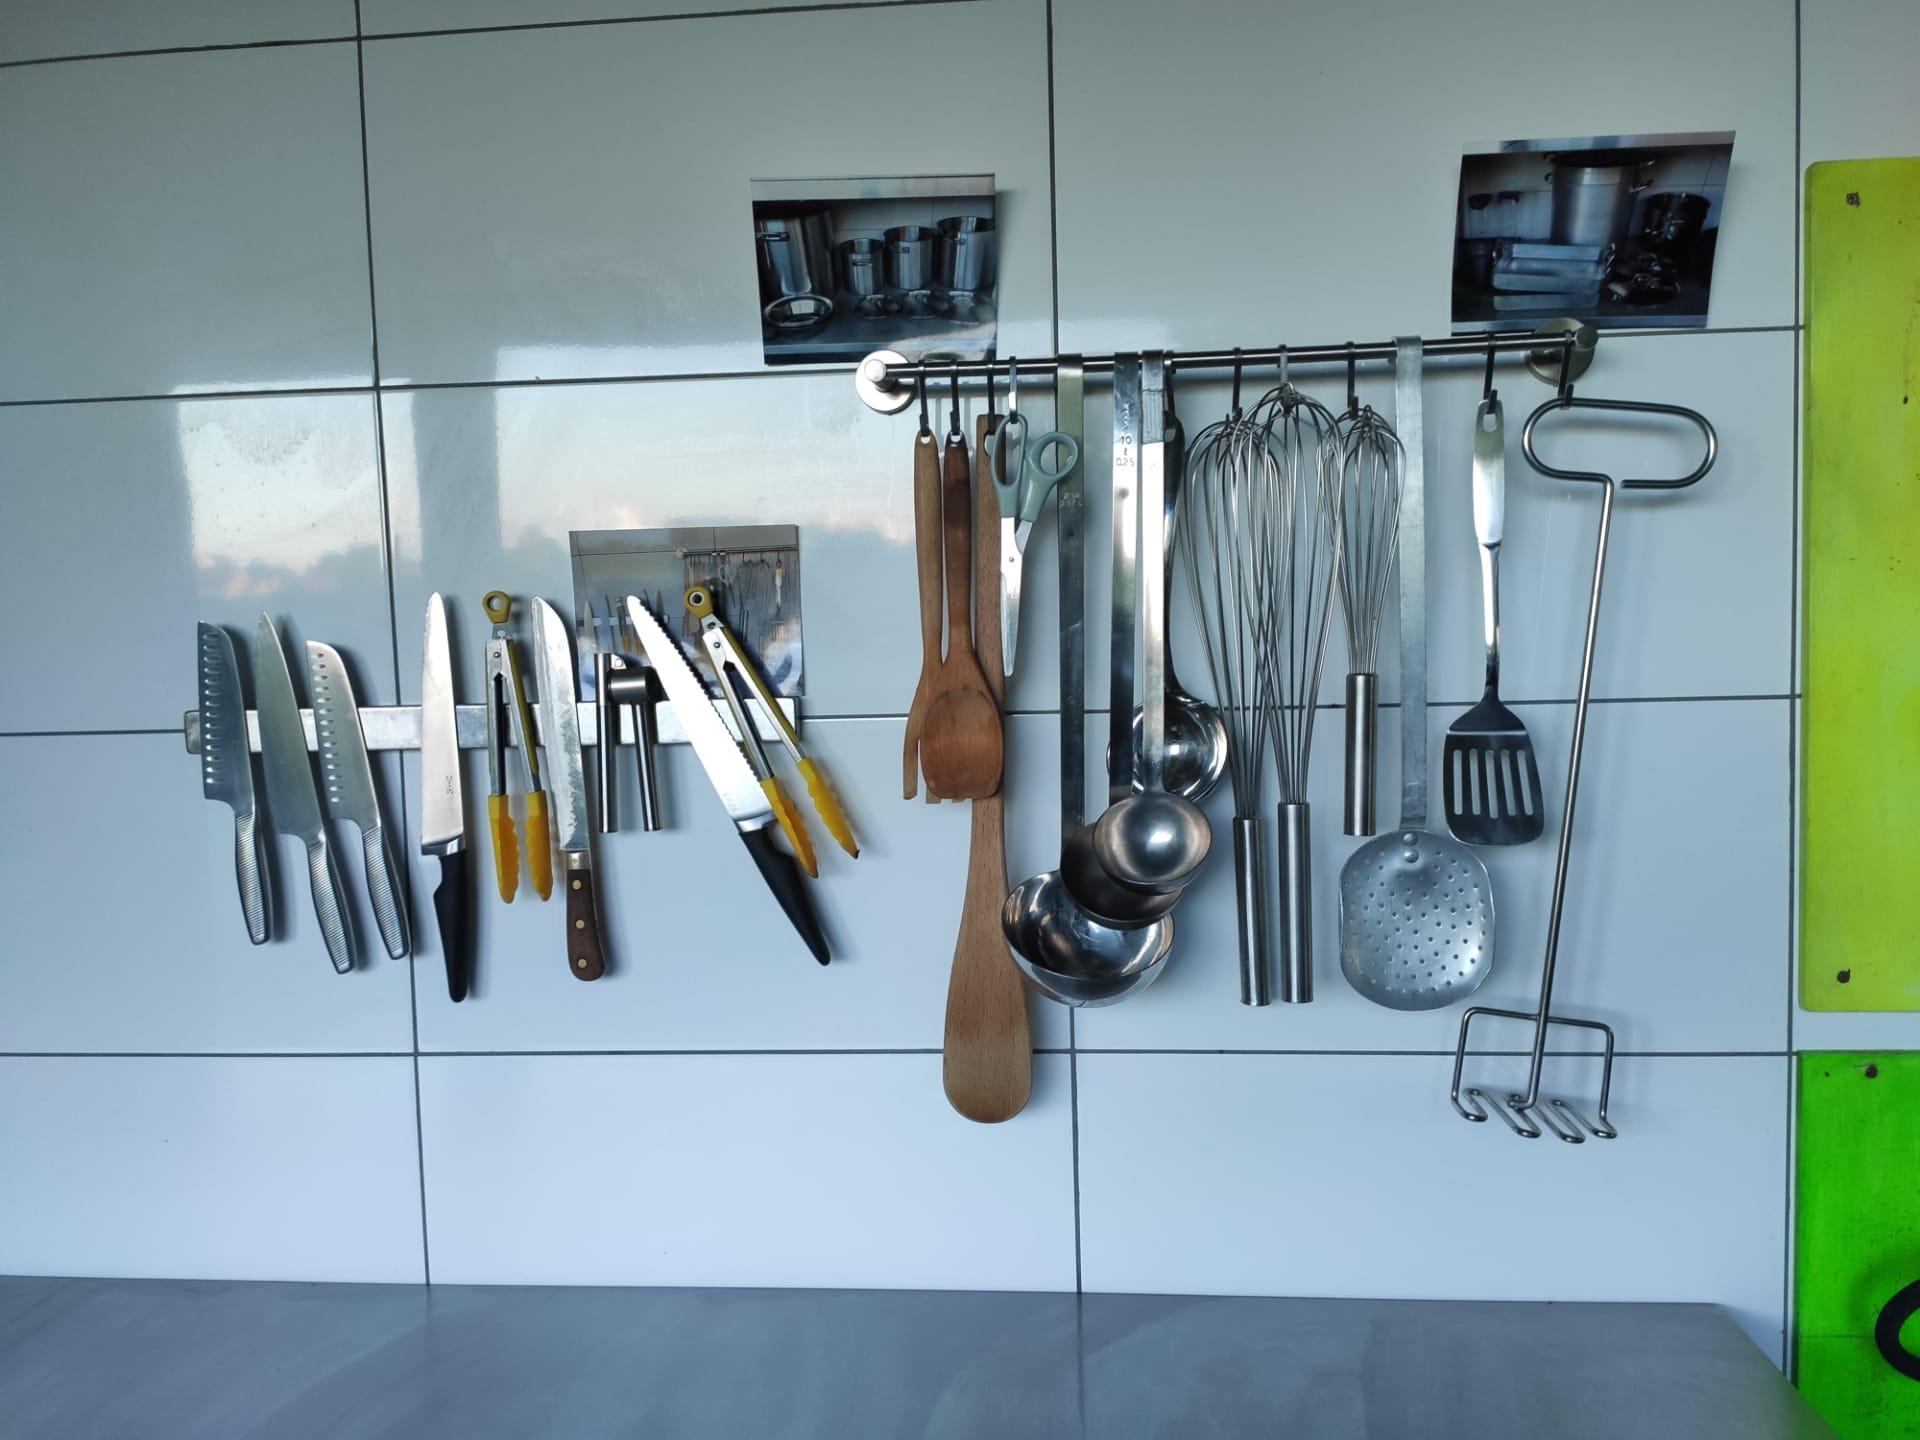 keuken (groot keukengerei)